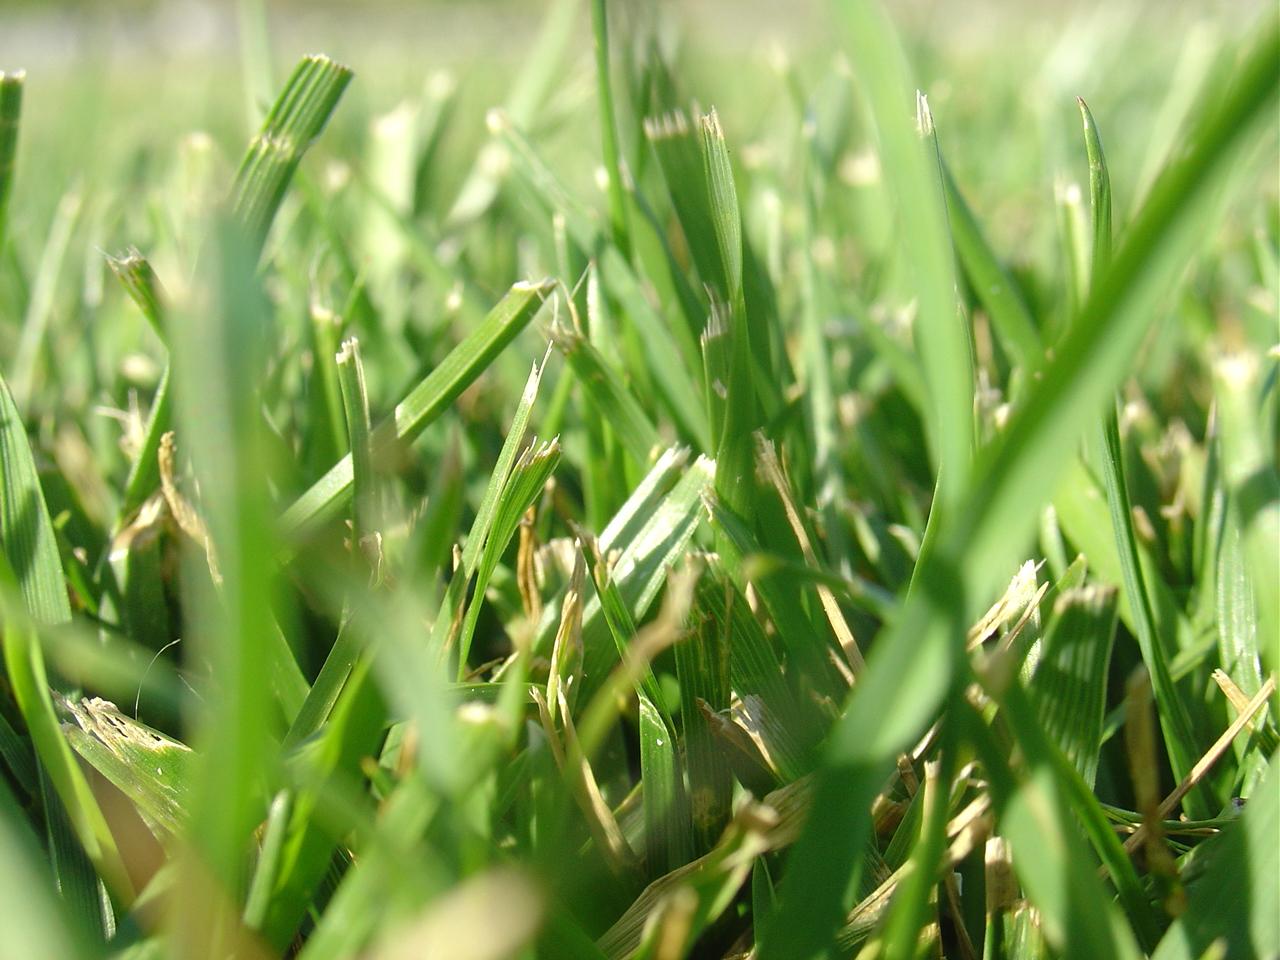 KOSZENIE TRAWNIKA ogród łobzów krzysztof jakubowski kraków